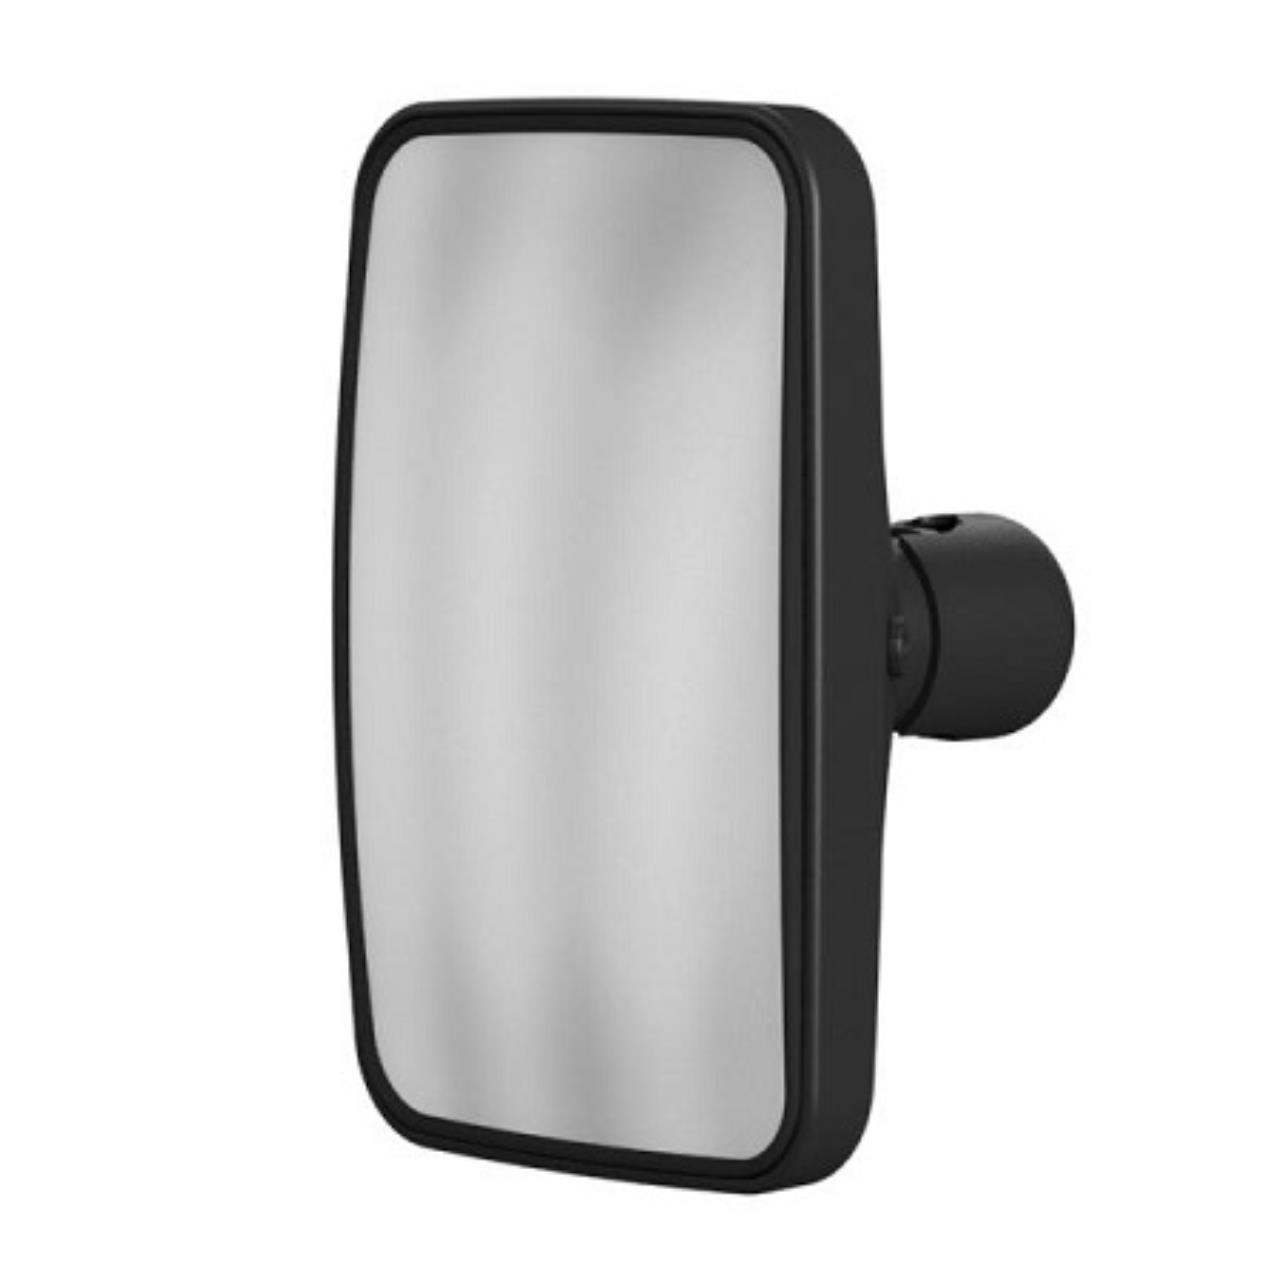 Spafax VM1R spejl 305X205 Slagfast